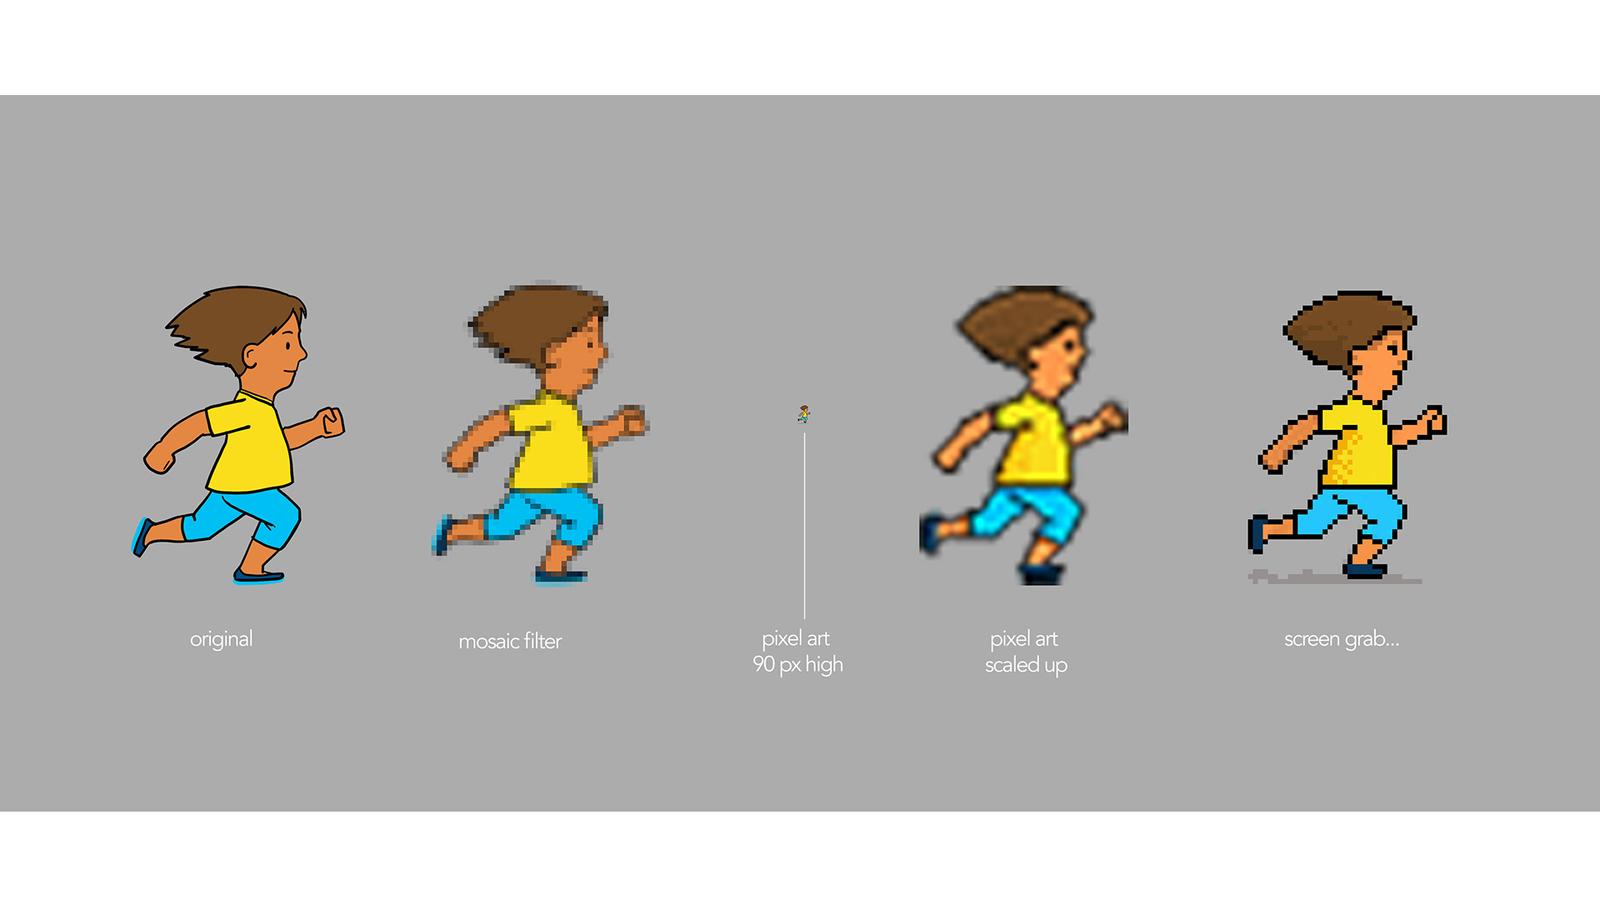 Pixel art character development, showing line art character progressing into pixel art